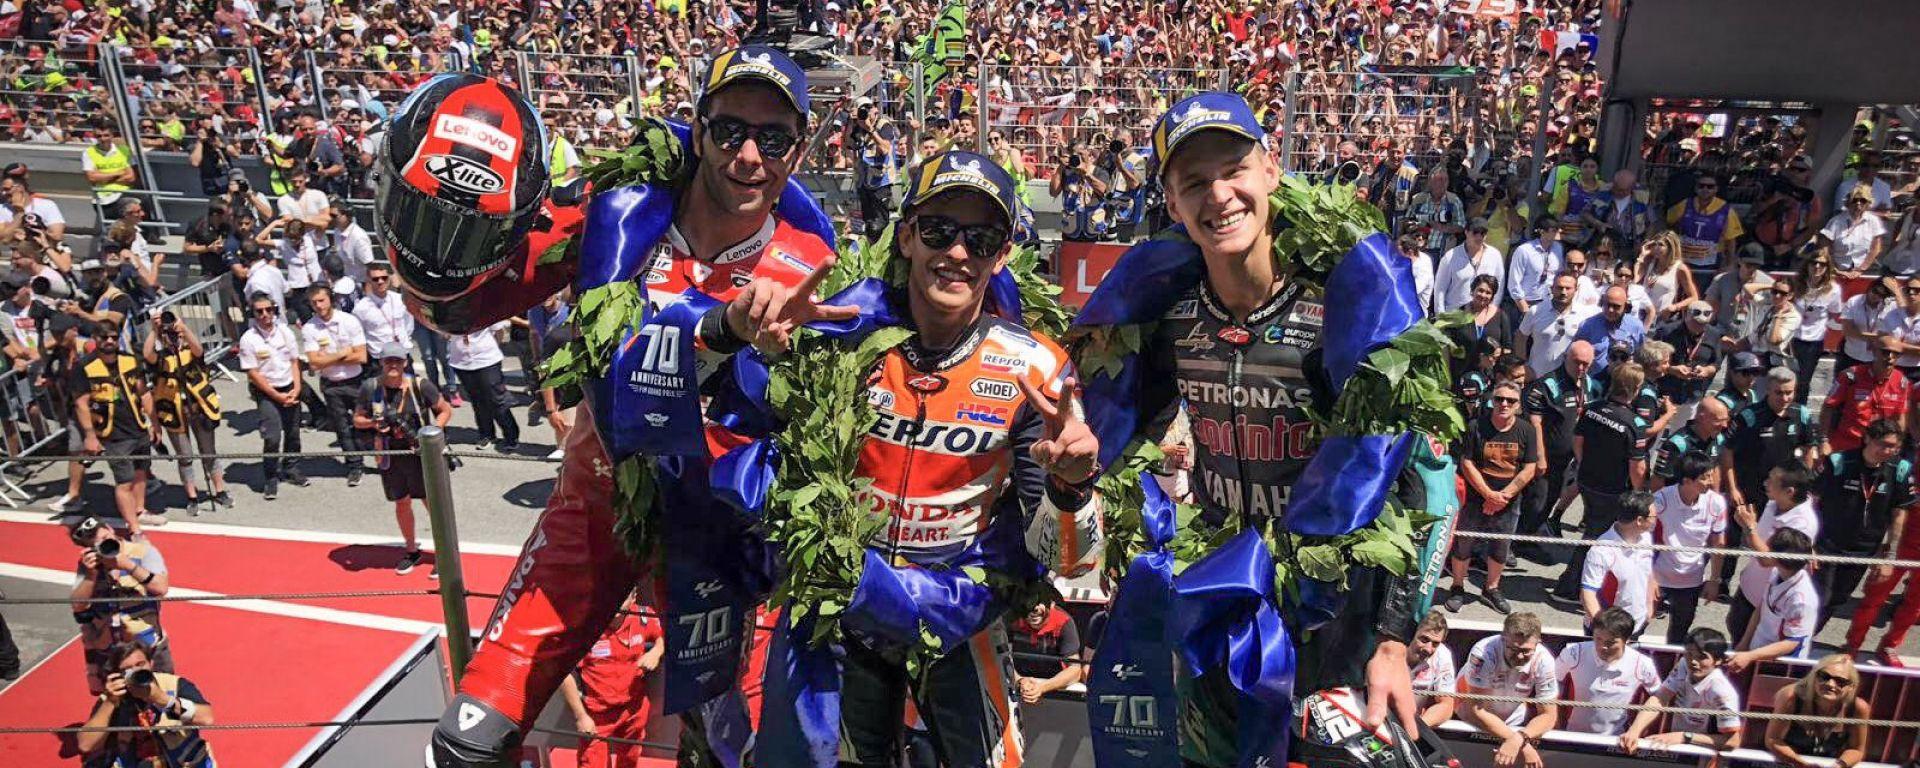 Il podio del GP di Catalunya 2019 con Petrucci, Quartararo e Marquez